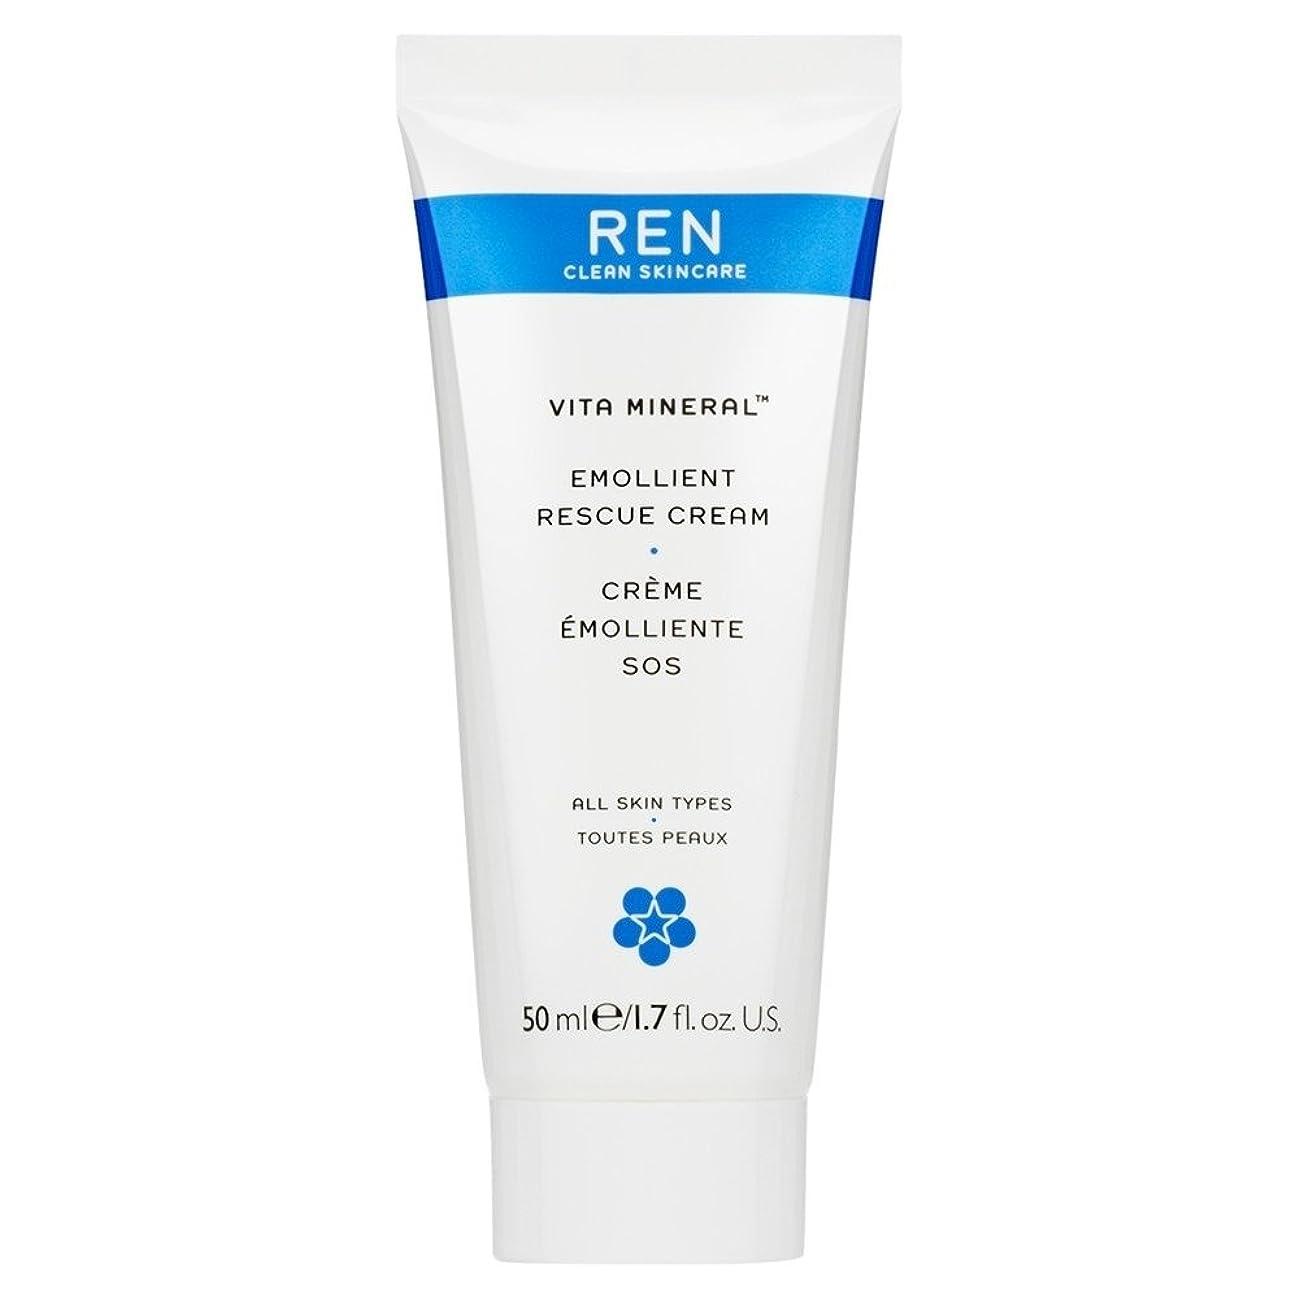 問い合わせチューインガム司教Renヴィータミネラルレスキュークリーム、50ミリリットル (REN) (x6) - REN Vita Mineral Rescue Cream, 50ml (Pack of 6) [並行輸入品]